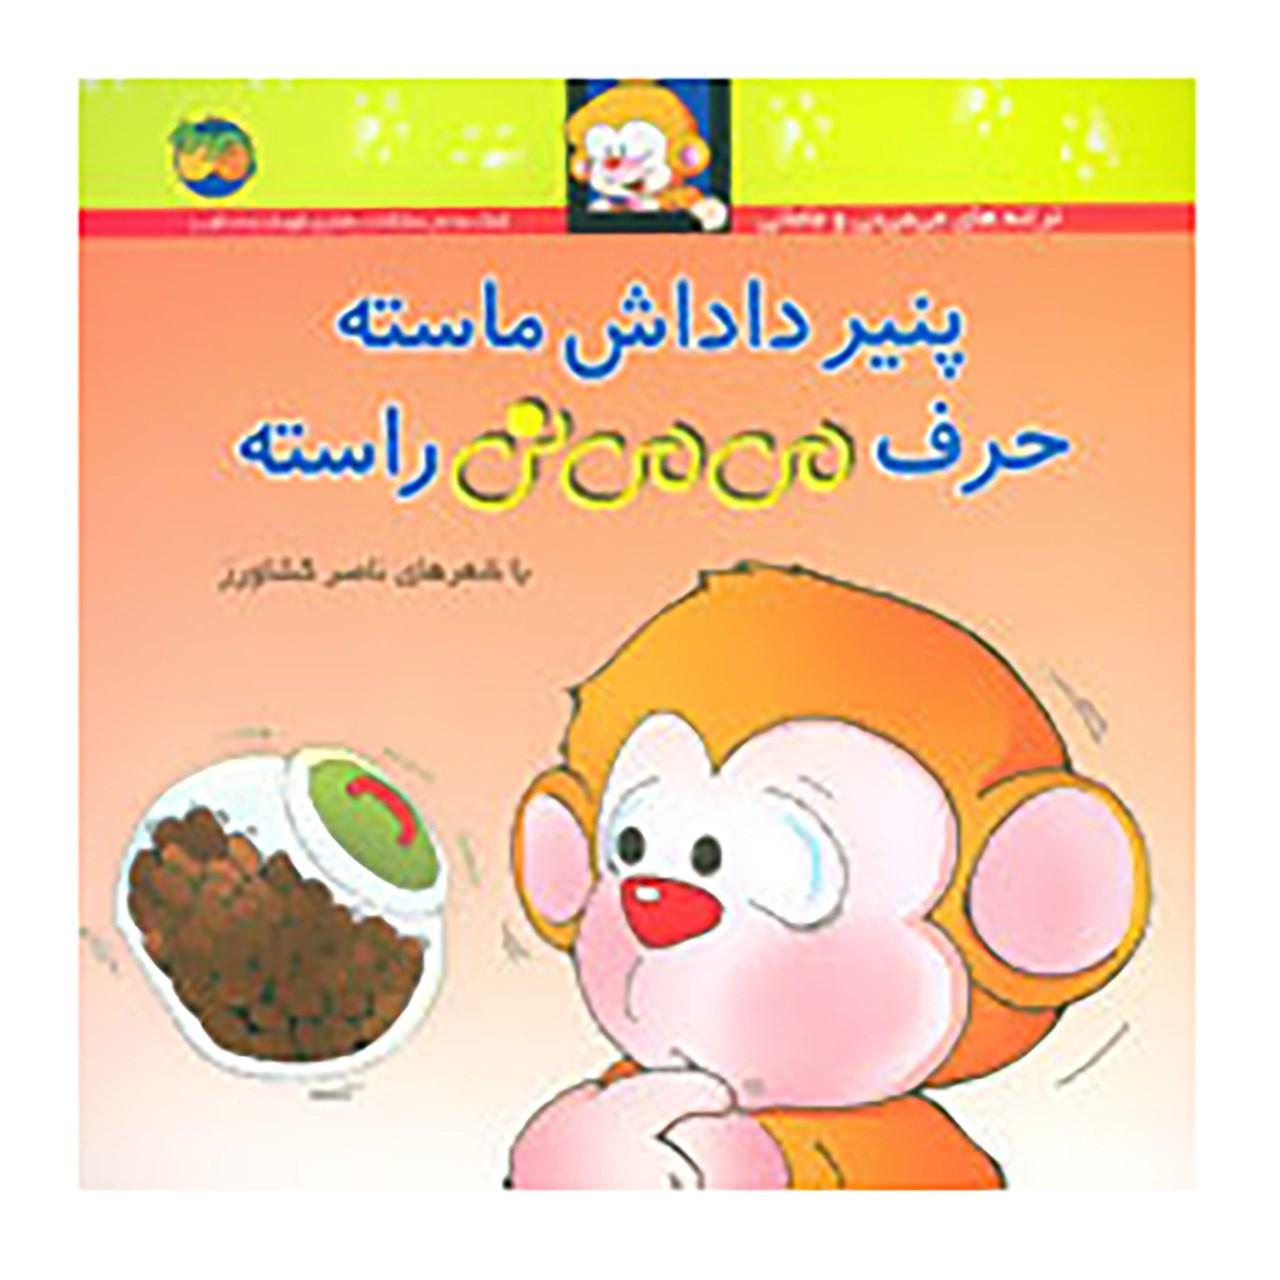 کتاب پنیر داداش ماسته حرف می می نی ماسته اثر ناصر کشاورز نشر افق